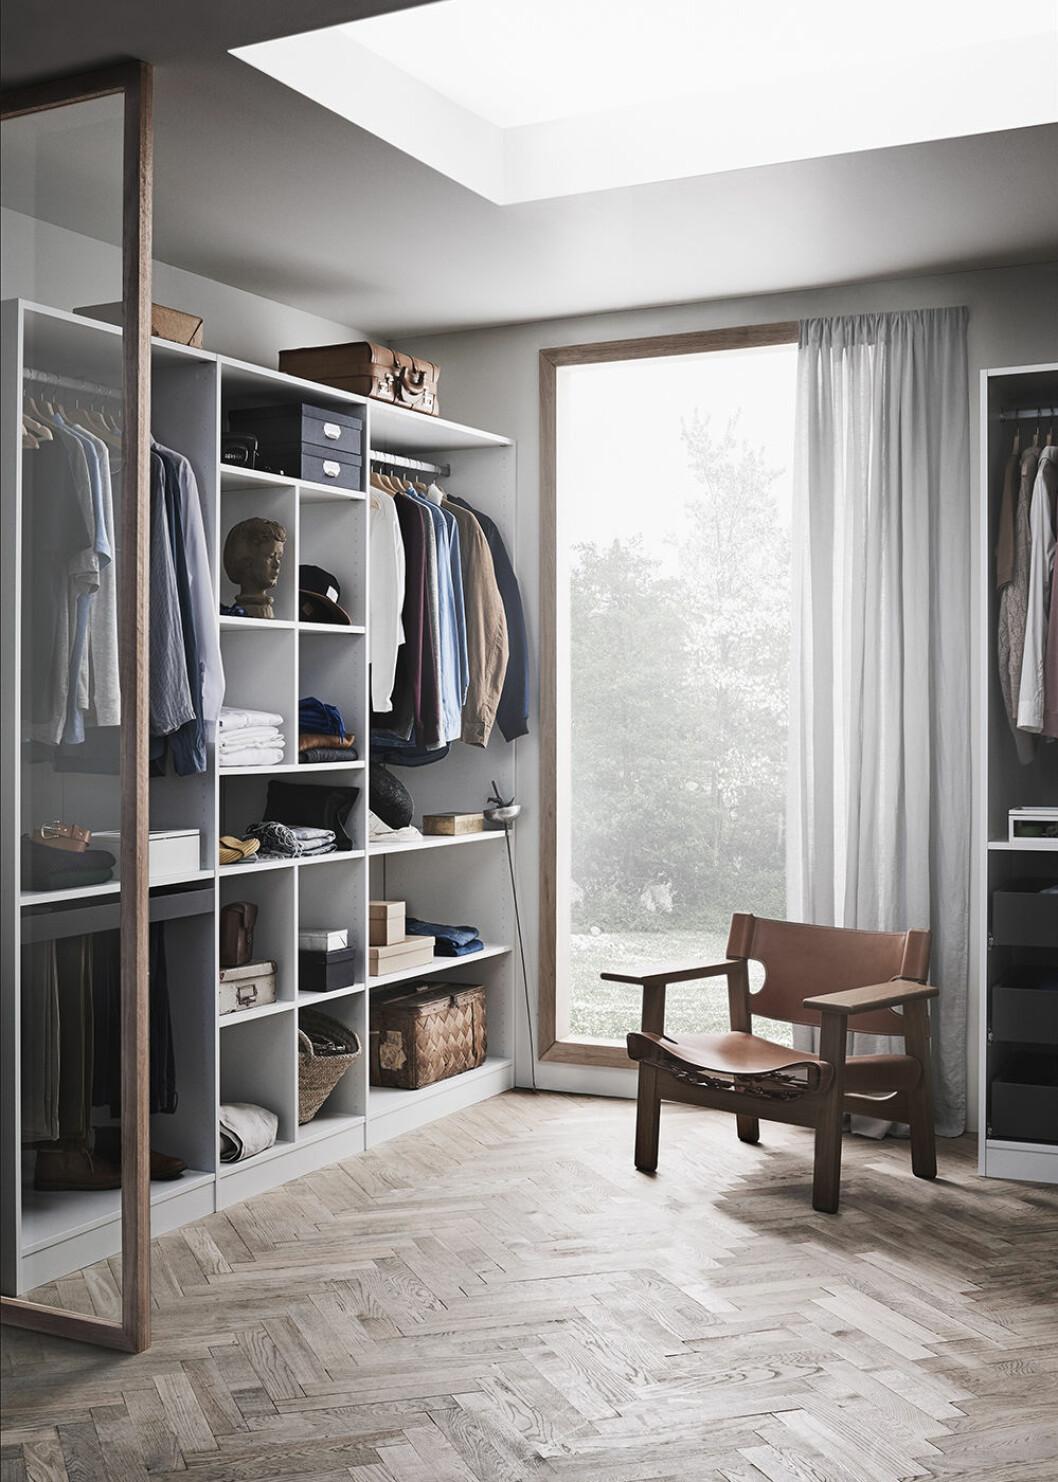 lyxig garderob med dressing room-känsla